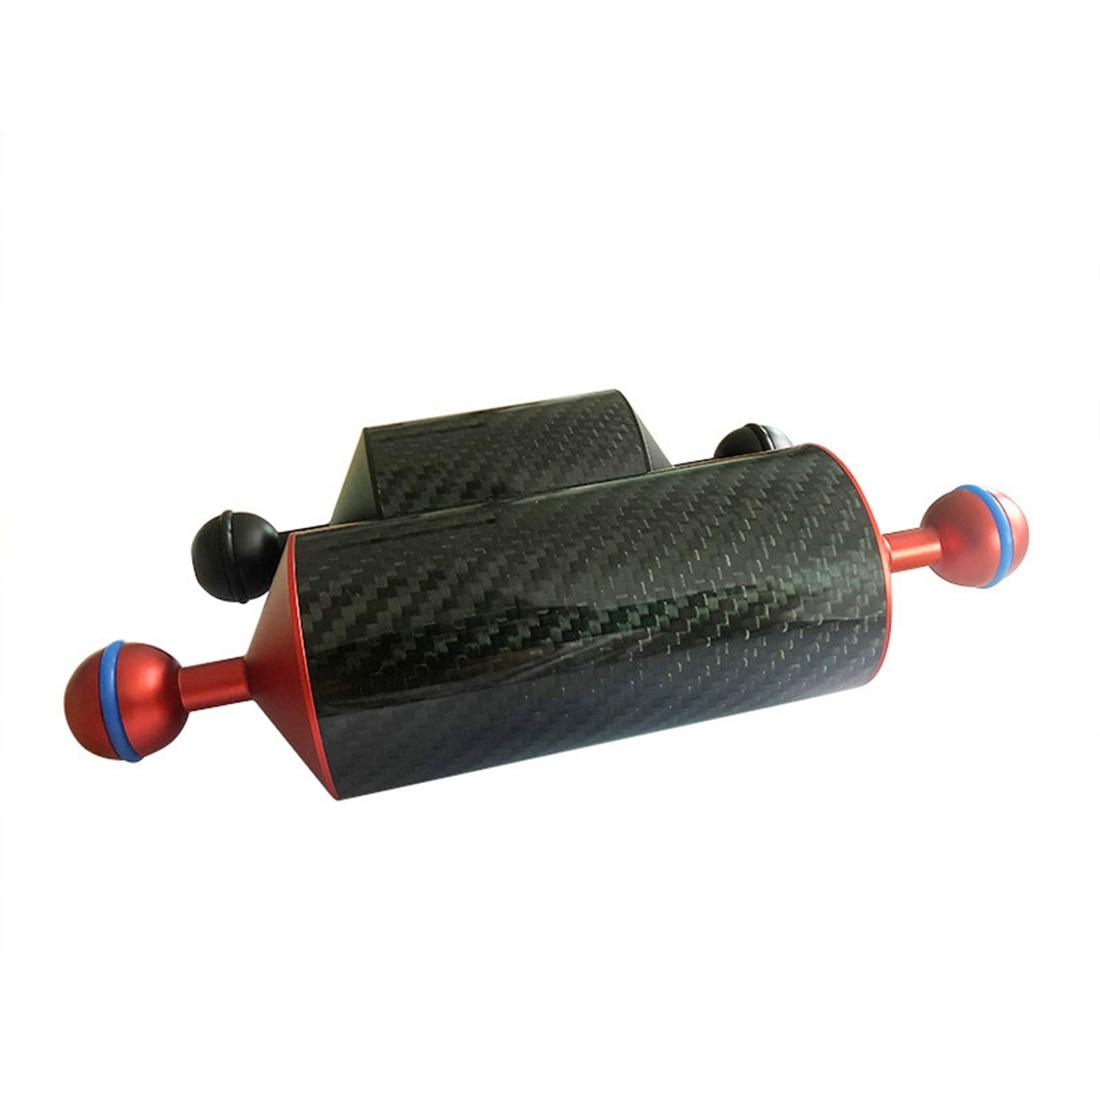 Bgning carbon fiber float espaldarazo aquatic brazo dual pelota floating brazo